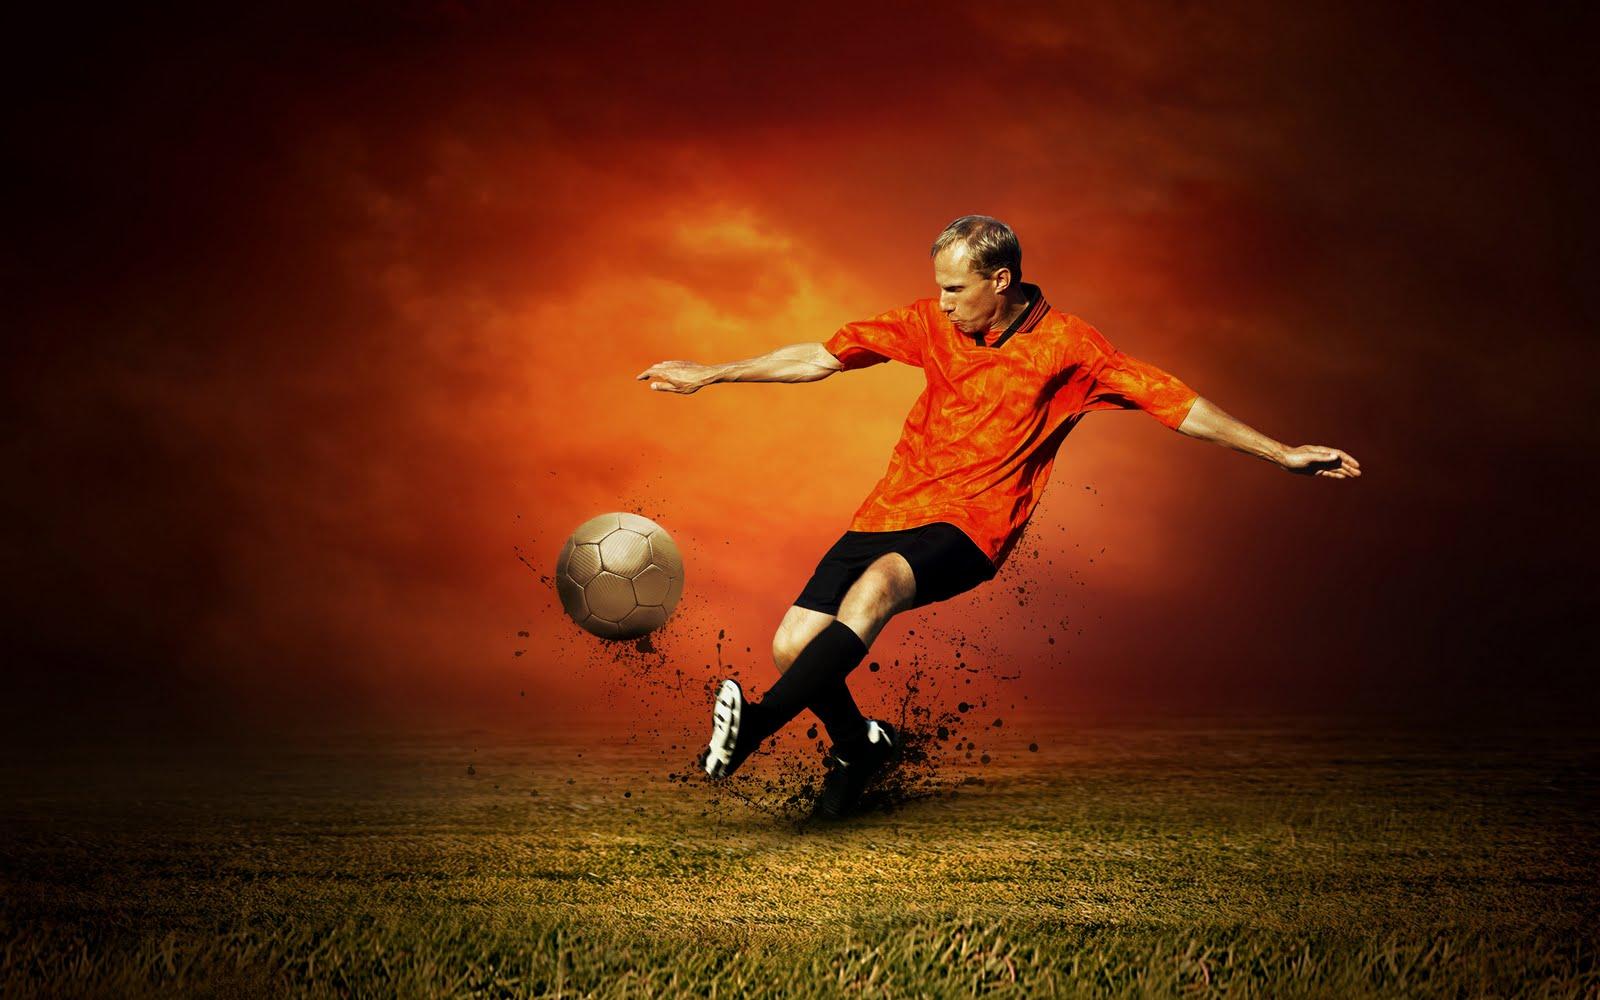 http://2.bp.blogspot.com/_NOdEQKztDvs/TPOGfyR5lXI/AAAAAAAAF50/iHWOFKoEruw/s1600/football%2Bblogambar.blogspot.com%2B%252814%2529.jpg